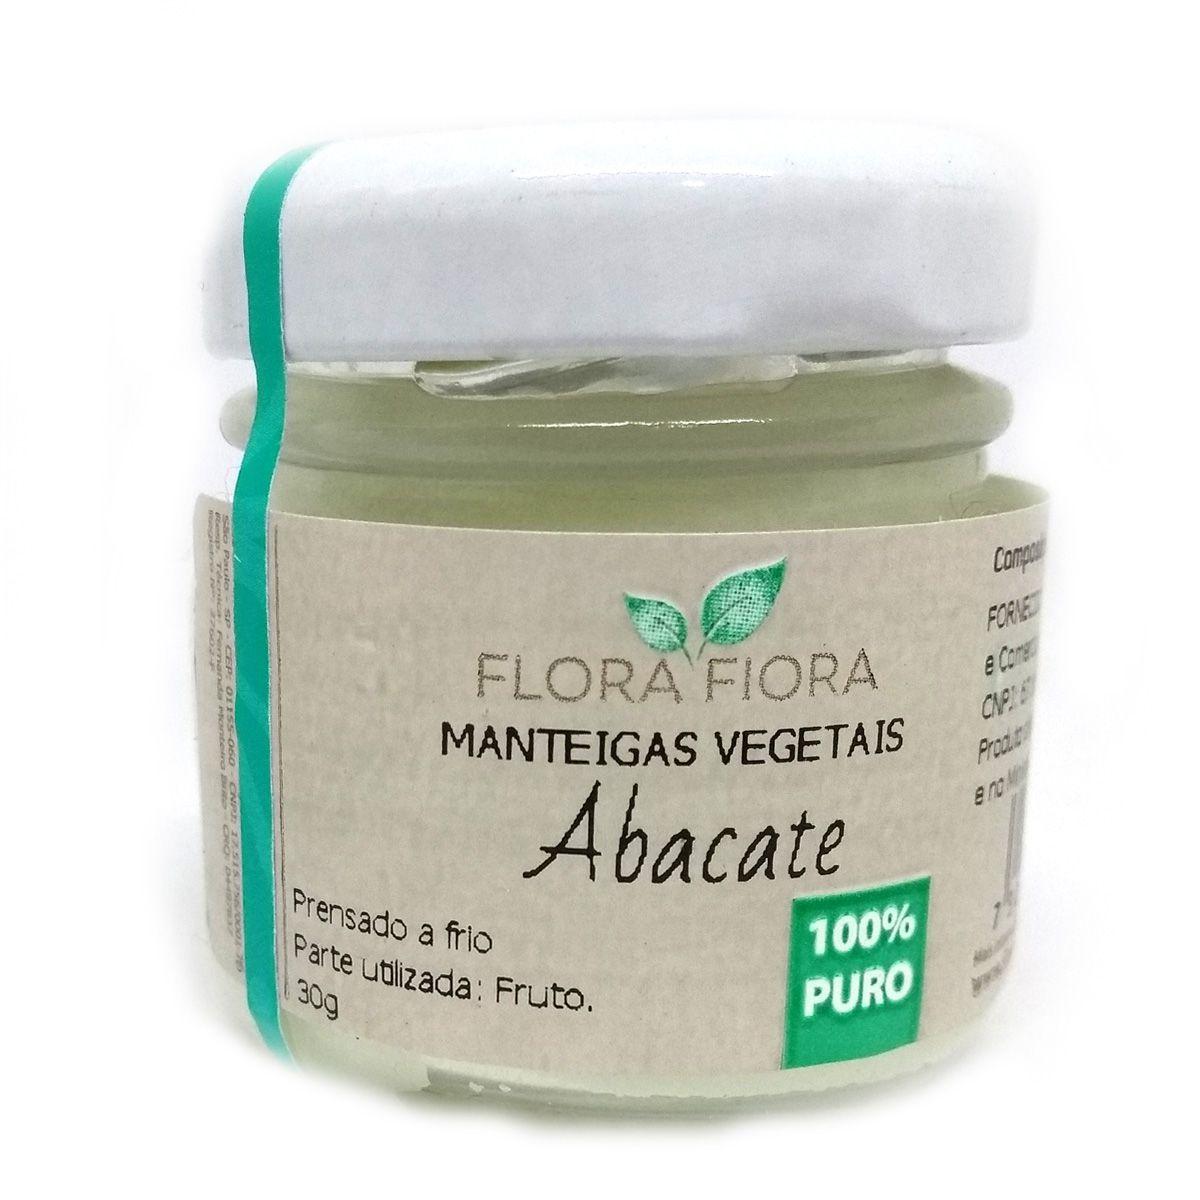 Manteiga Vegetal de Abacate - 30g